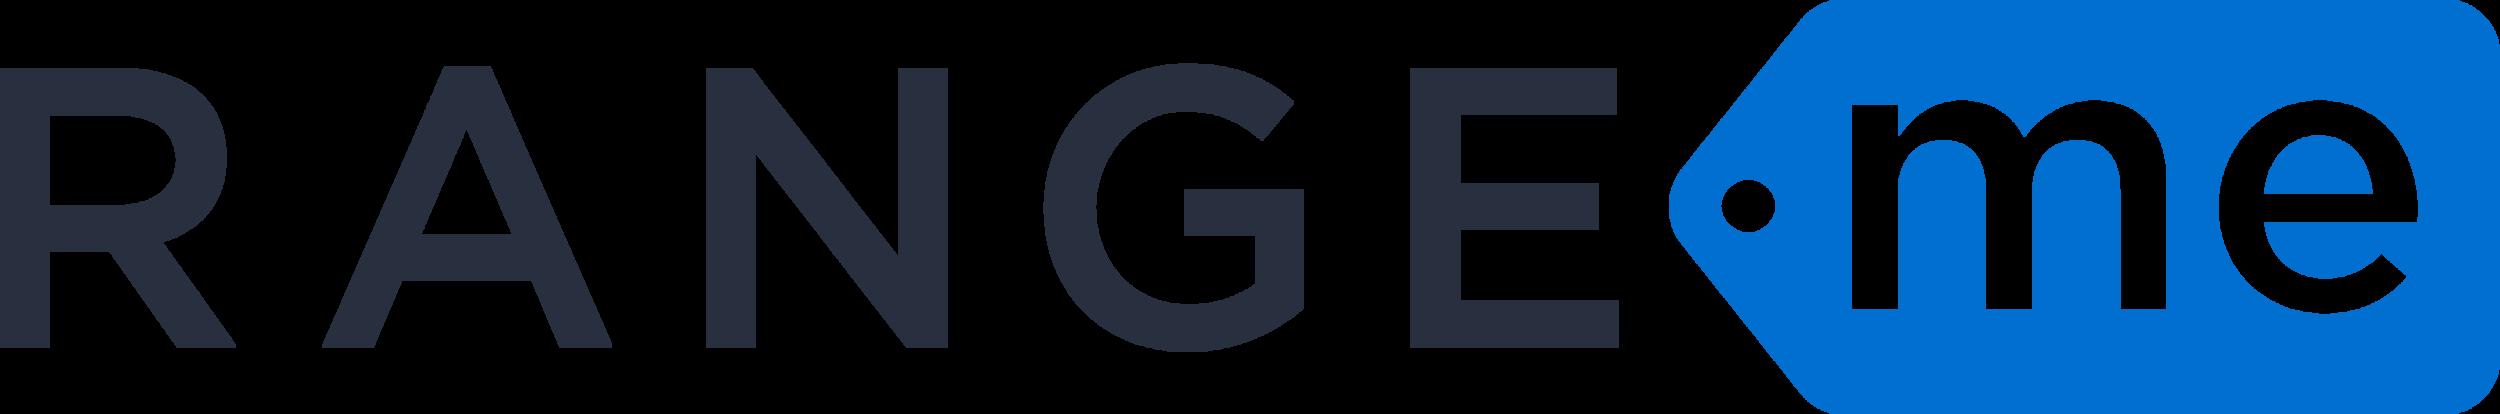 RangeMe-Logo.png